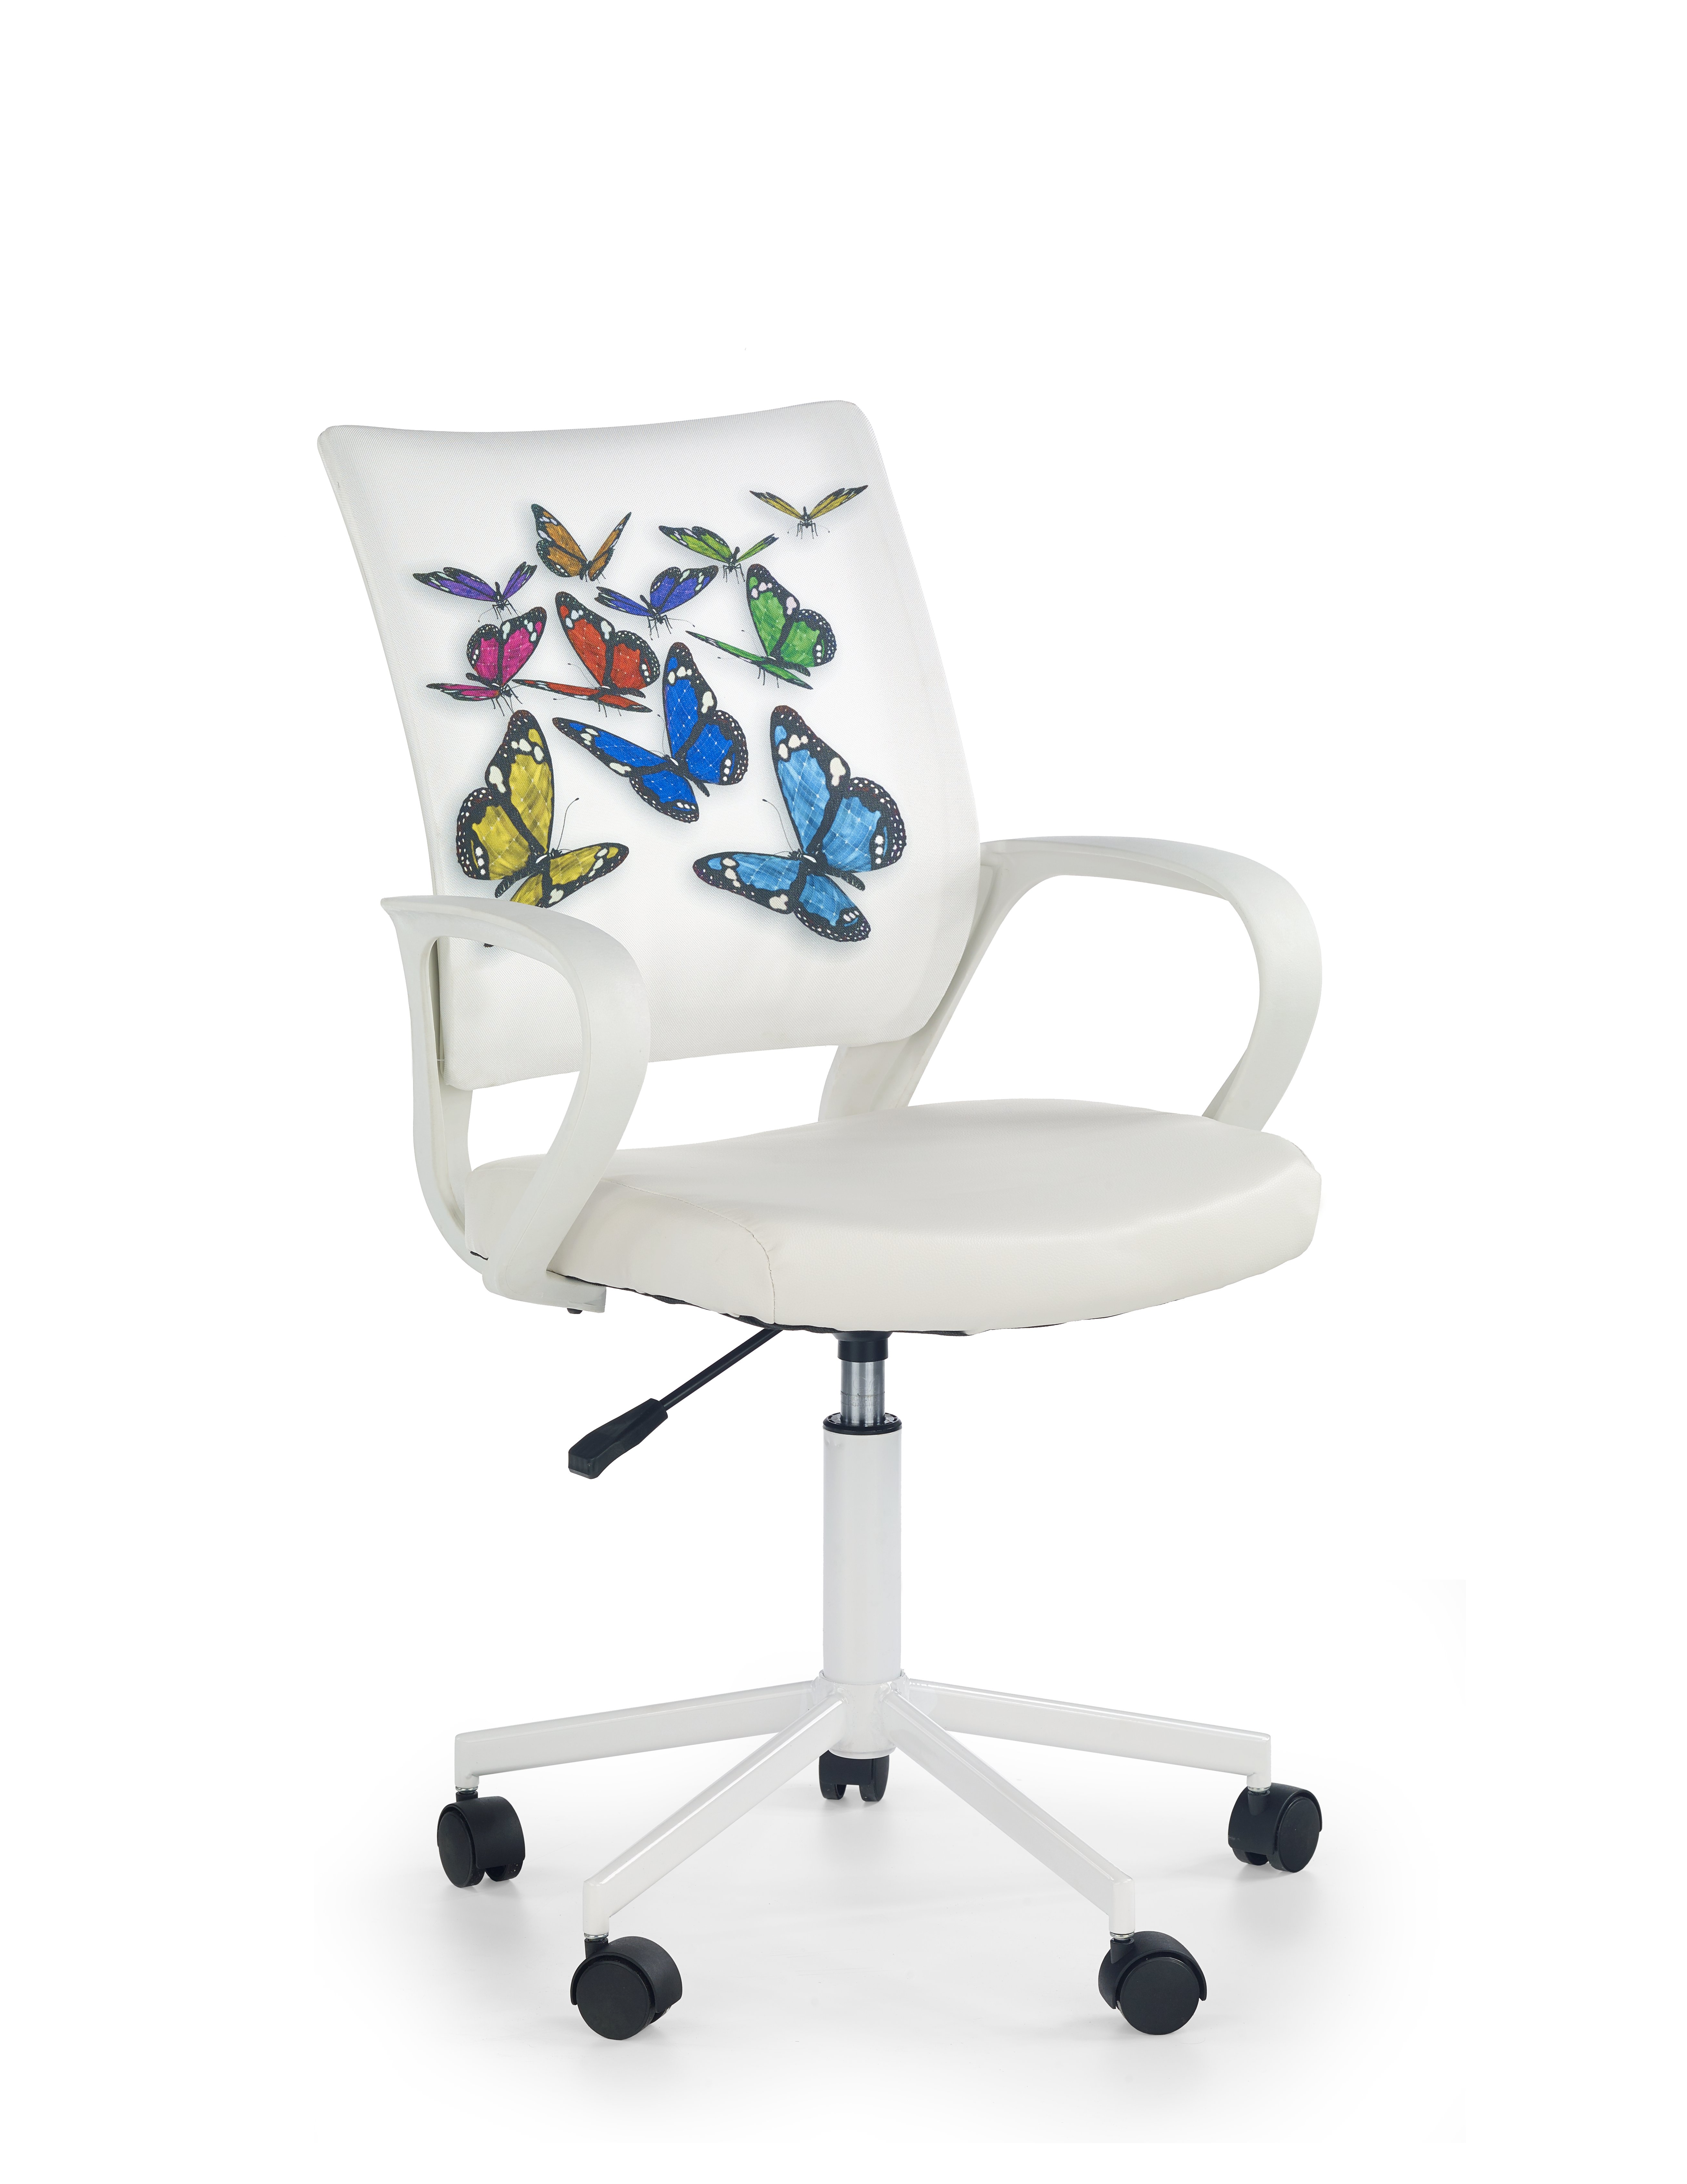 de130ee3df38 Detská stolička - Halmar - Ibis Butterfly. Sme autorizovaný predajca  Halmar. Vlastná spoľahlivá doprava